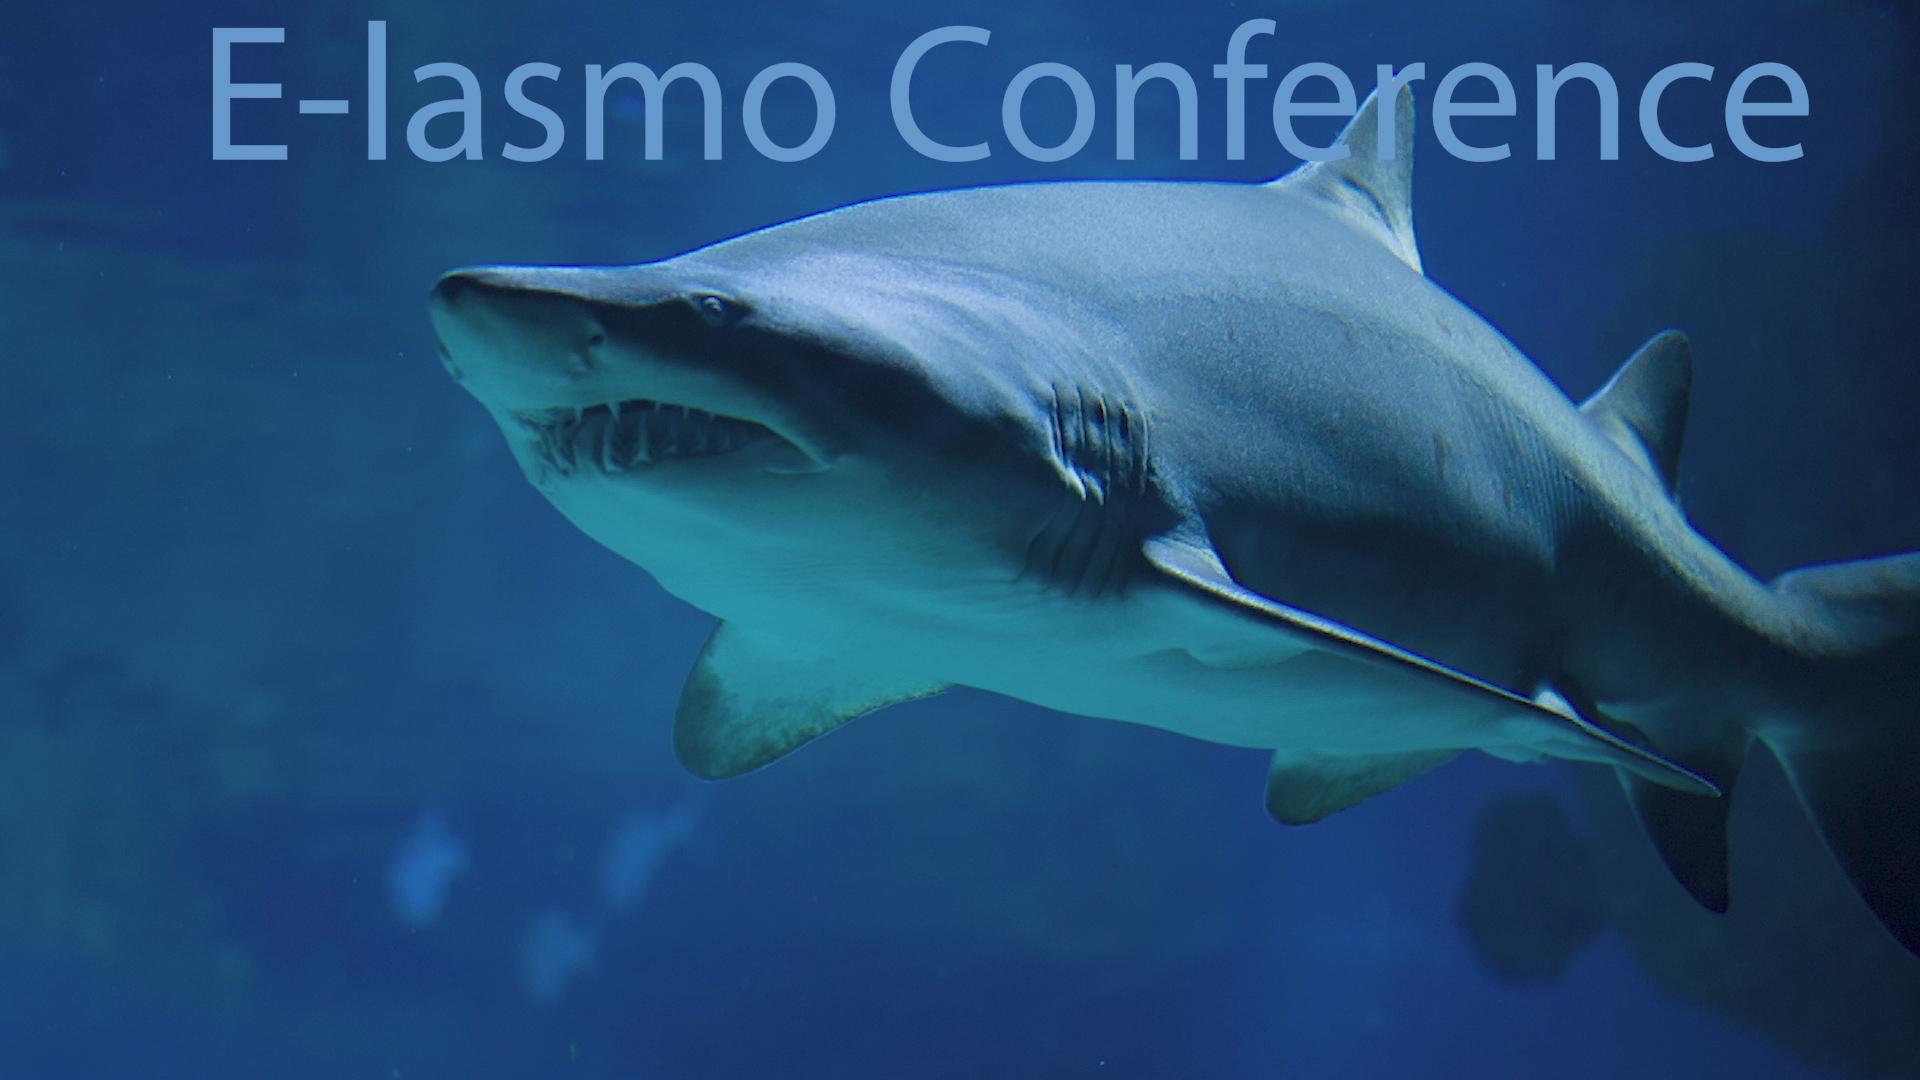 E-lasmo Conference 2020